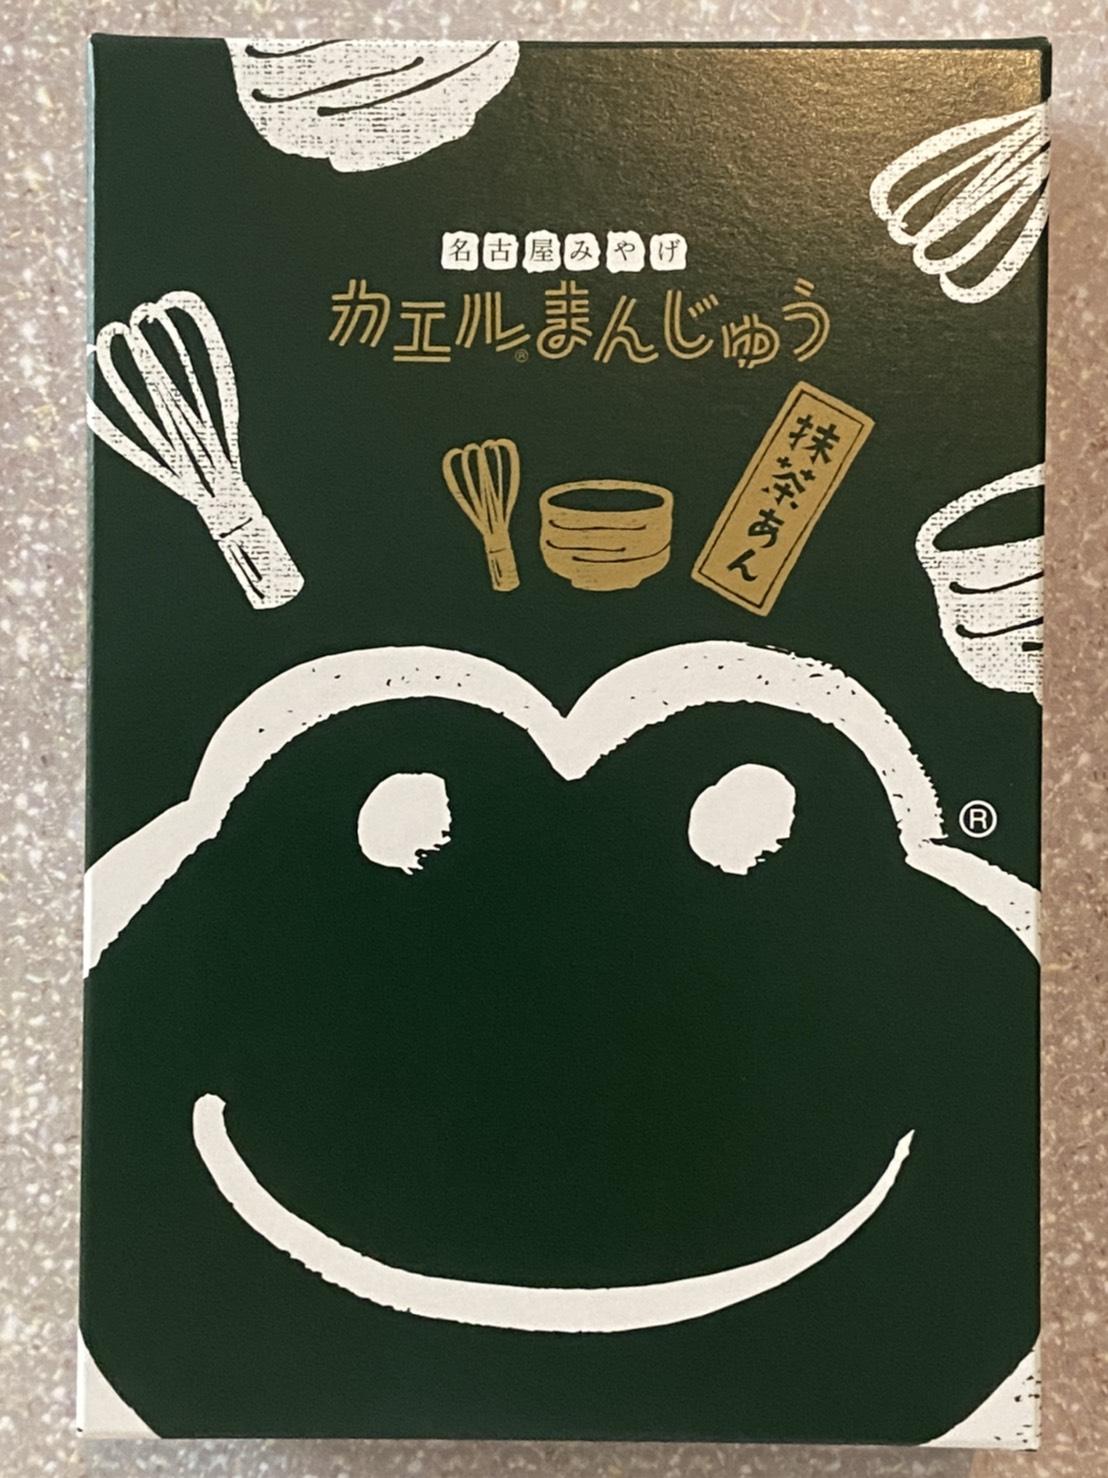 【和菓子の日】名古屋人なら皆歌える!?美味しくて可愛い隠れ名物!【限定抹茶味】_4